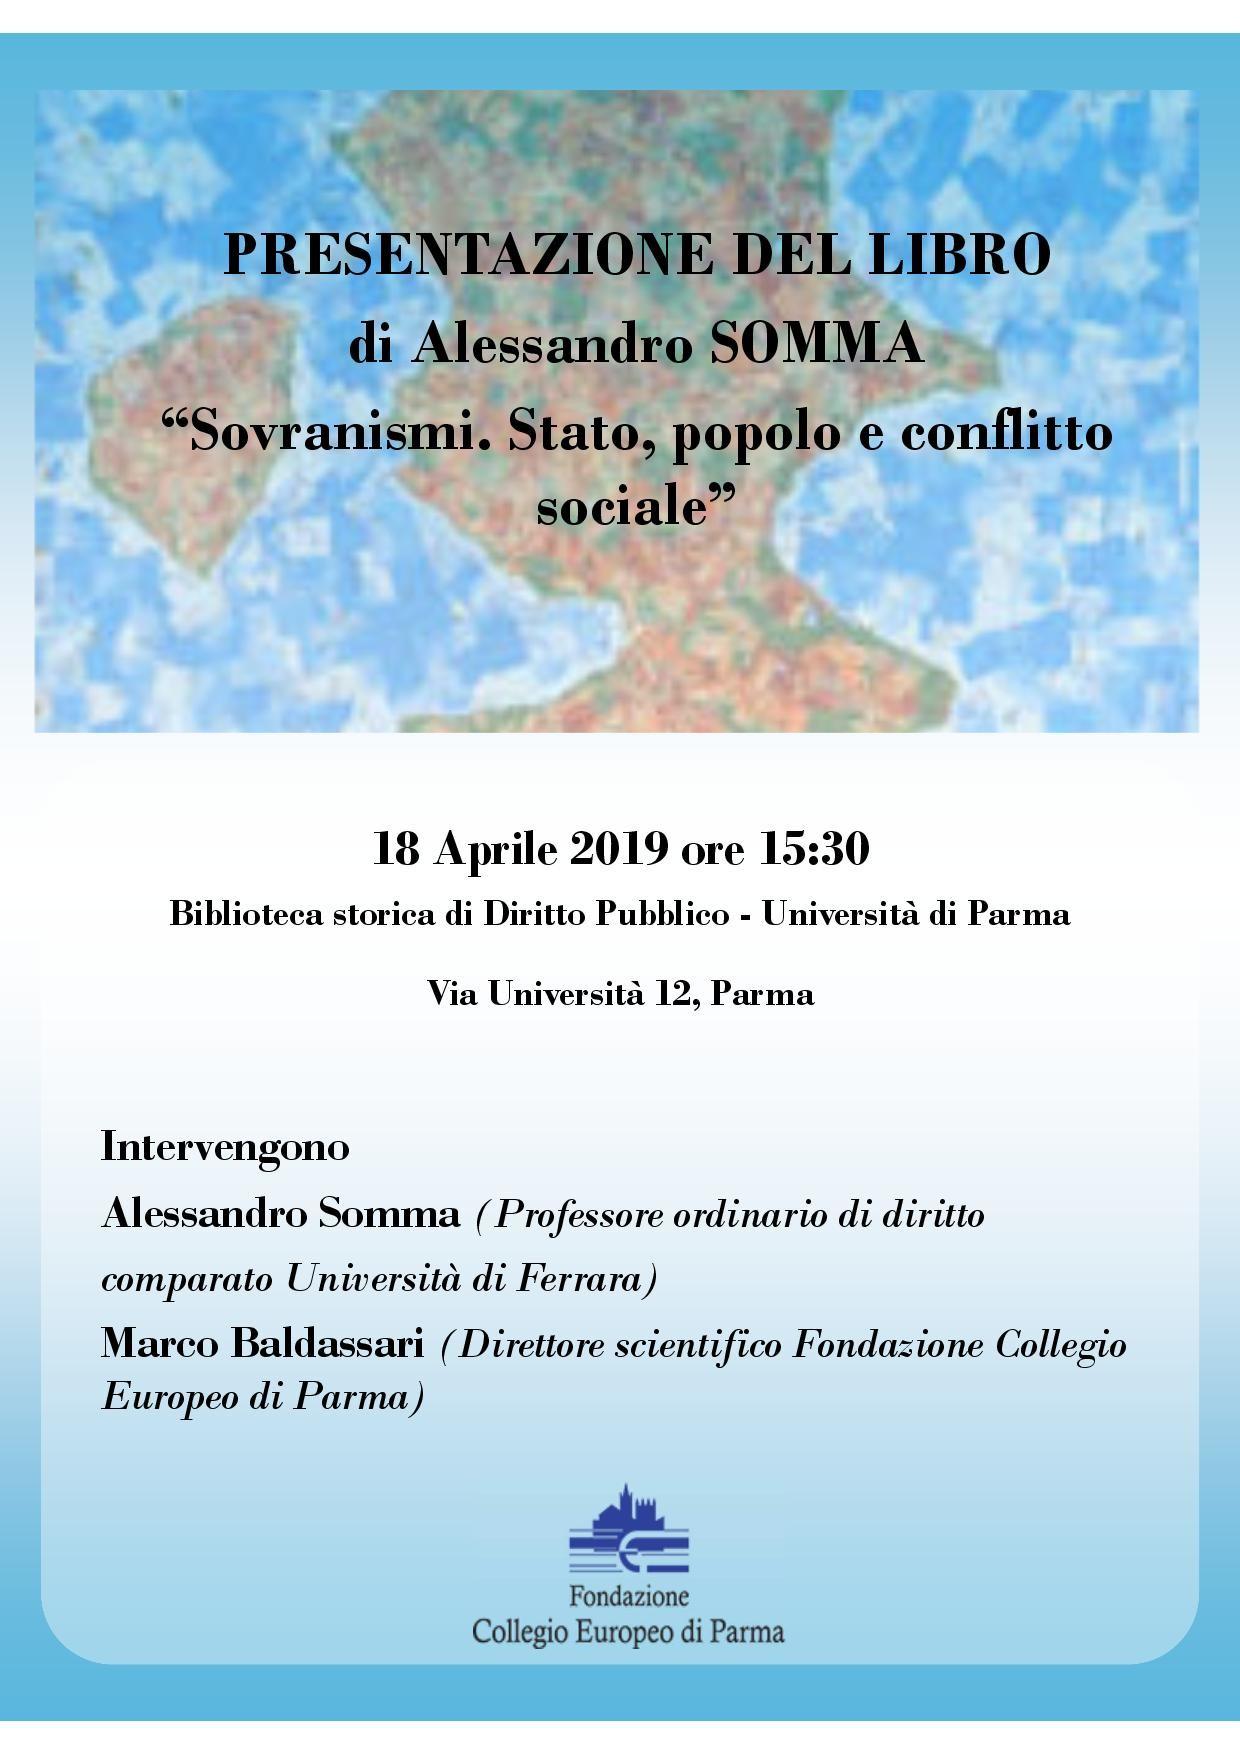 """Presentazione del libro """"Sovranismi. Stato, popolo e conflitto sociale"""""""